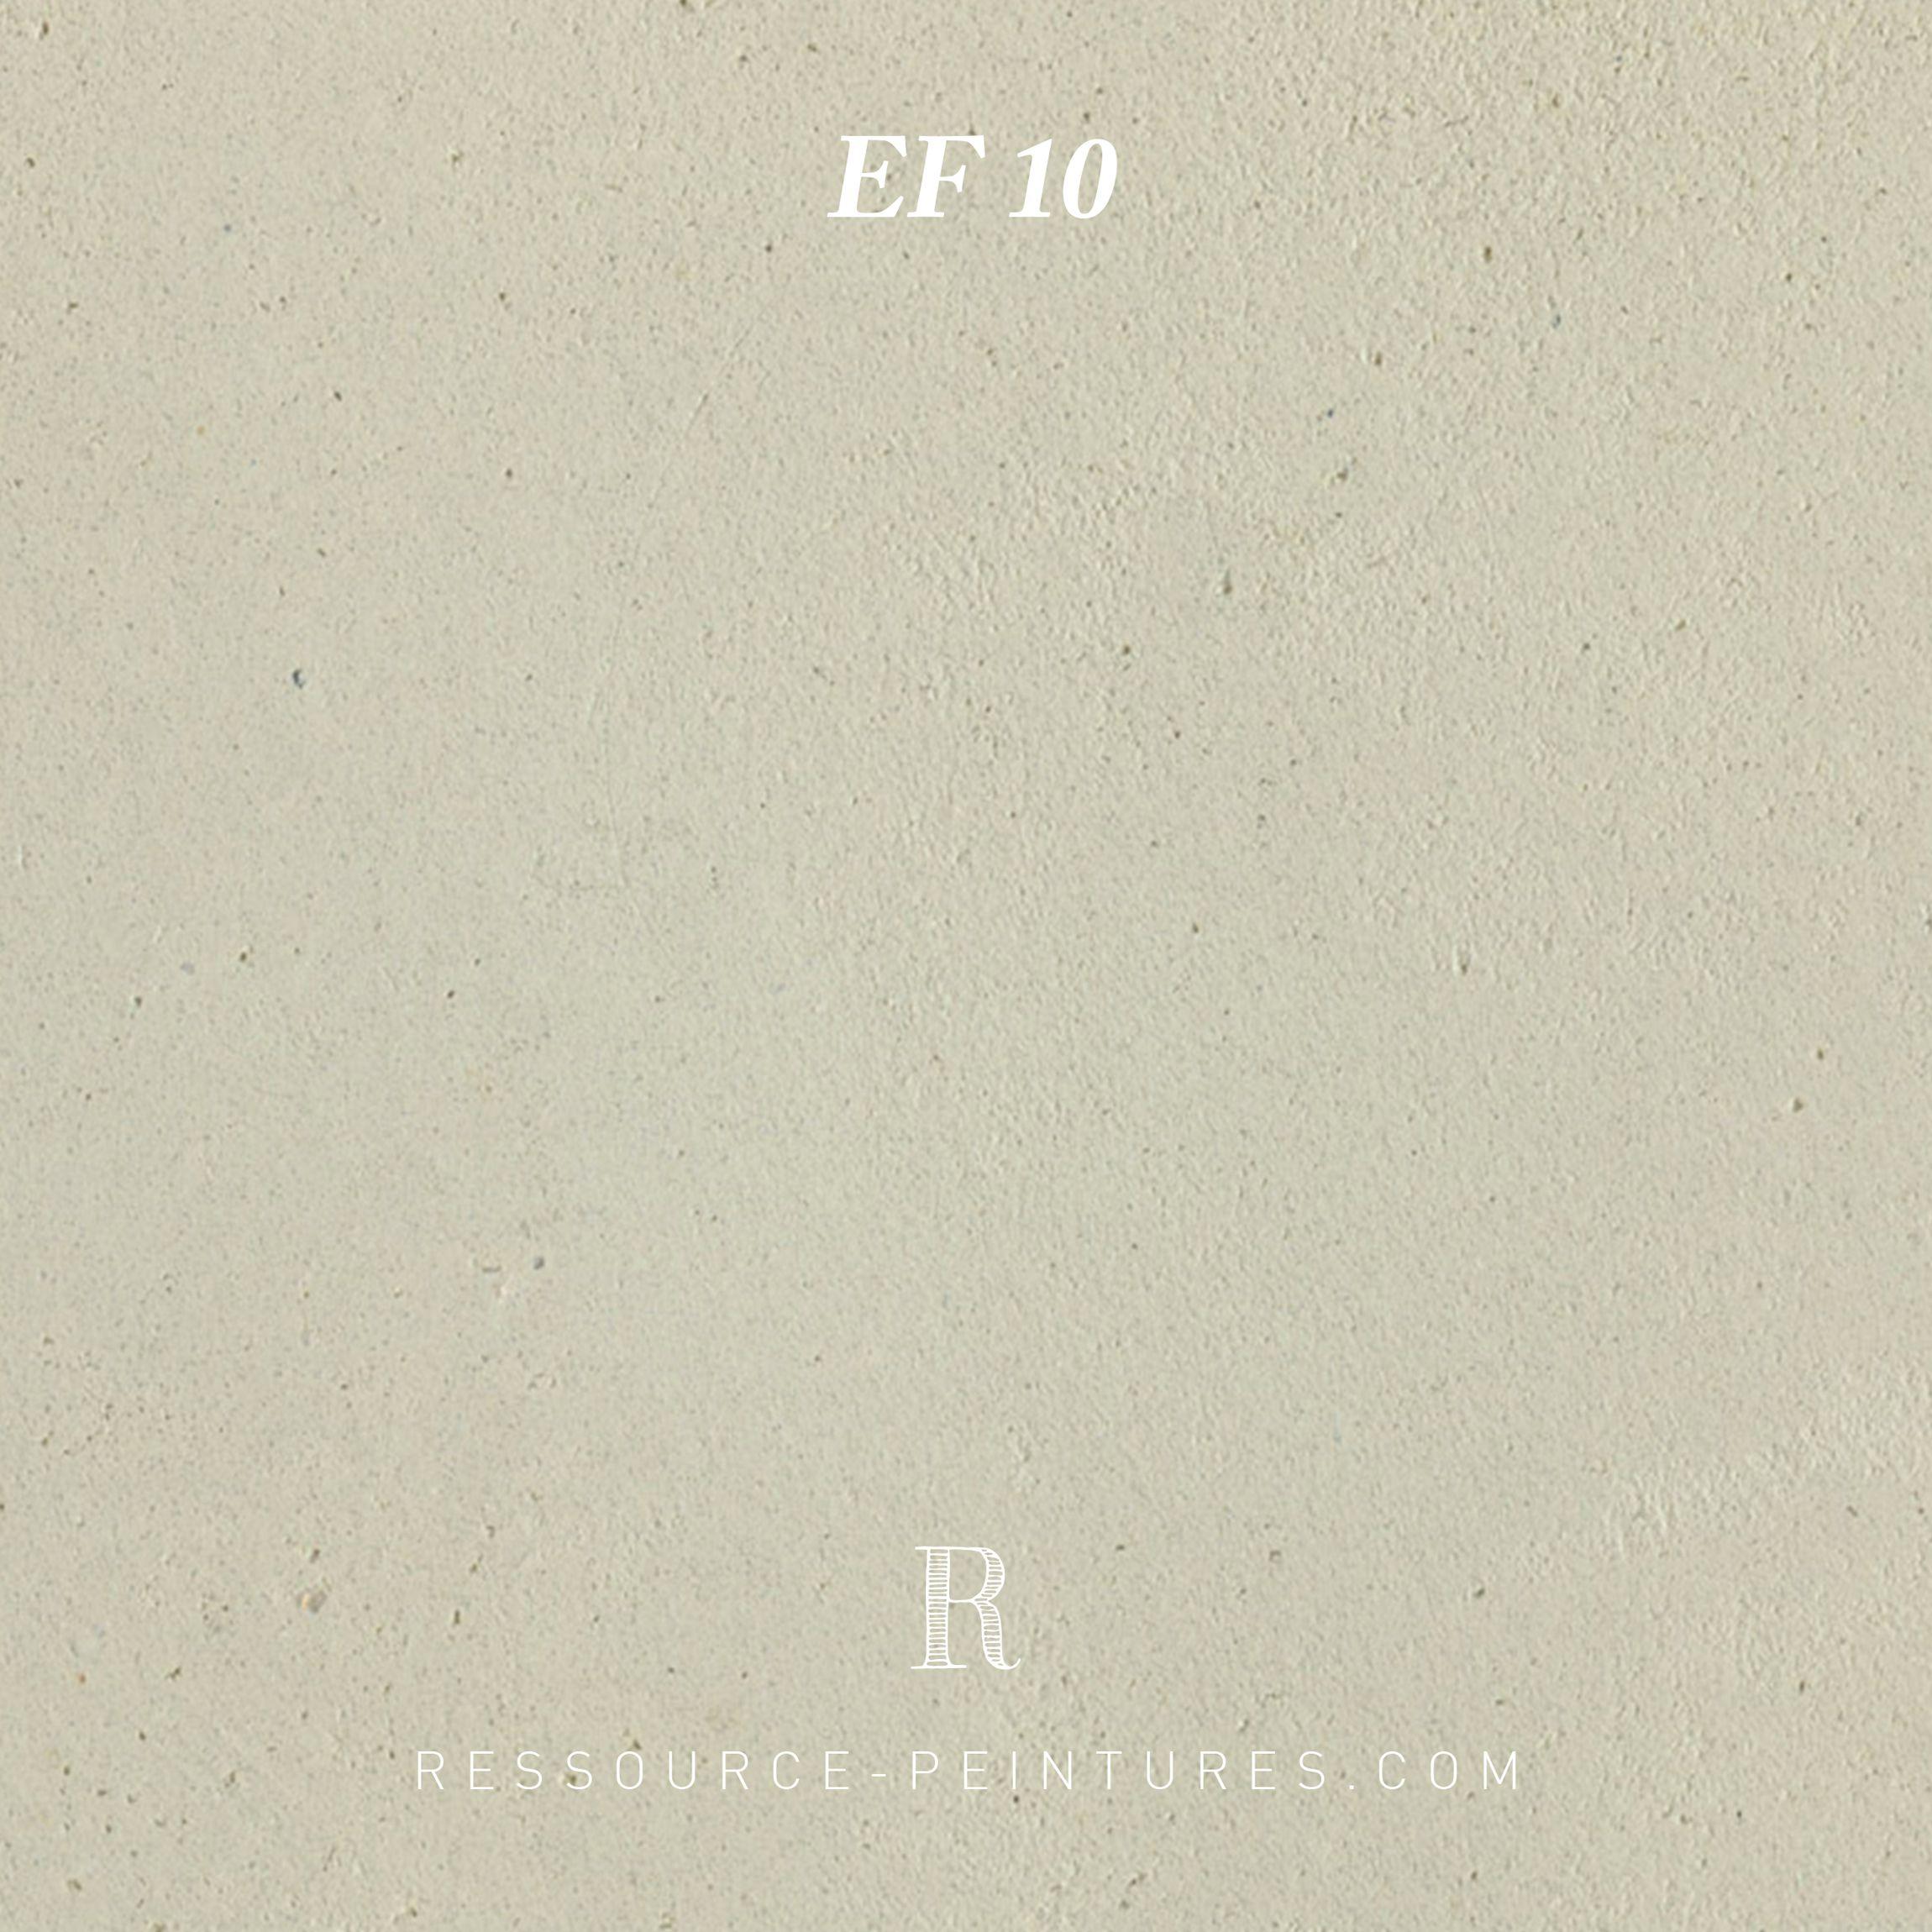 Papier Peint Effet Crepi l'enduit minéral chaux fine offre un aspect de surface mince